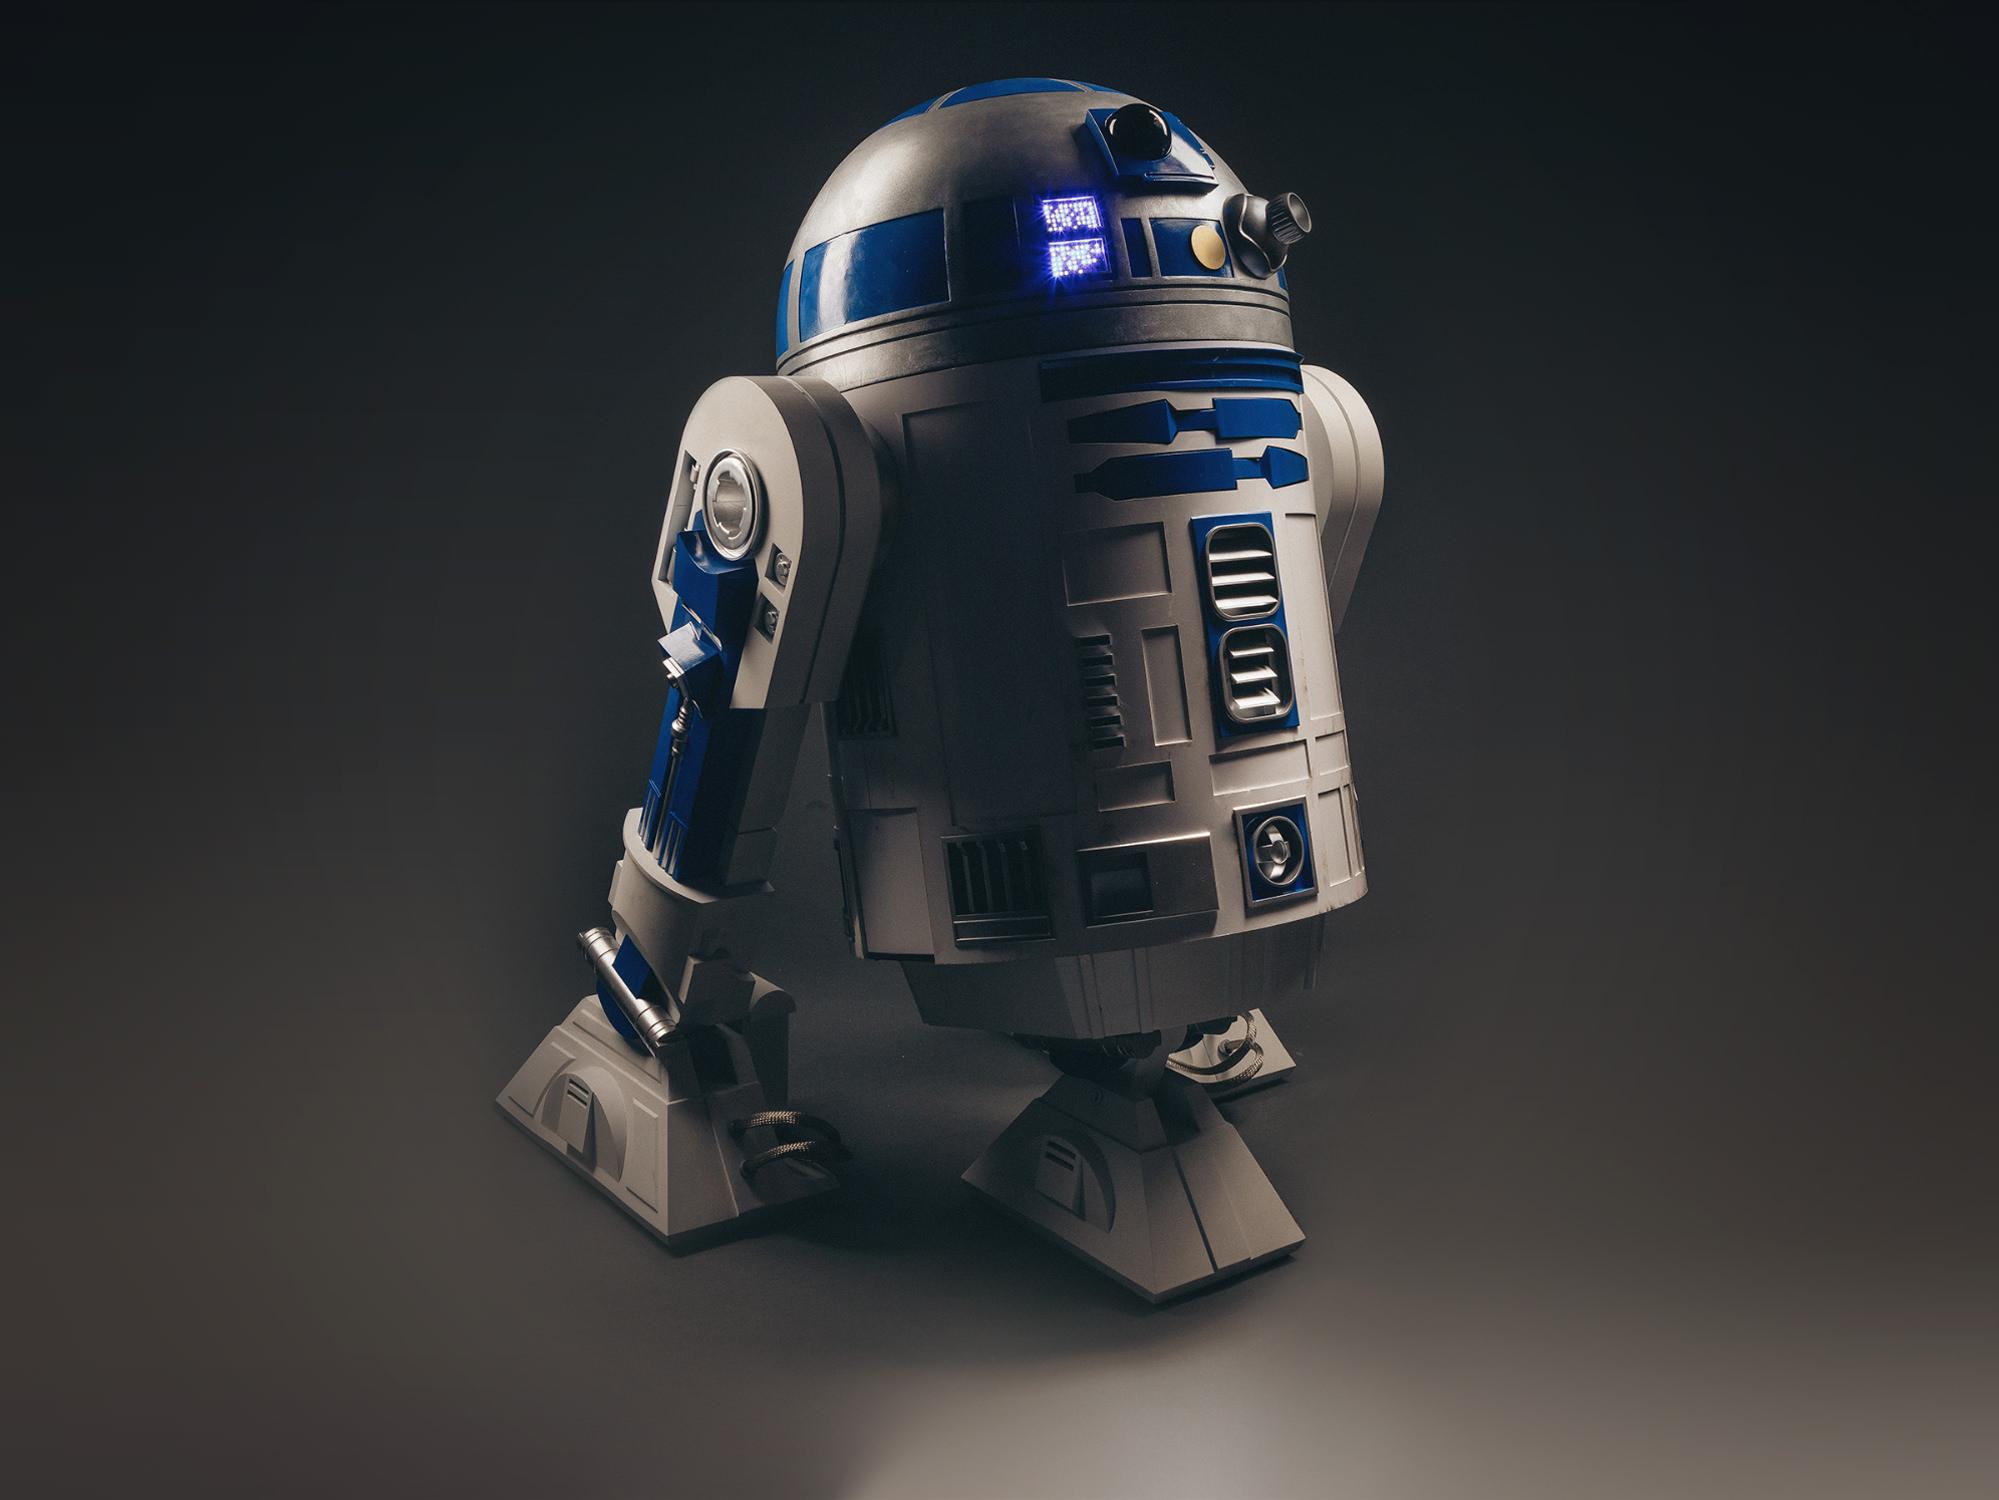 """""""Entschuldigen Sie, mein Herr, aber dieser R2-D2 ist in hervorragendem Zustand, ein echtes Schnäppchen."""""""